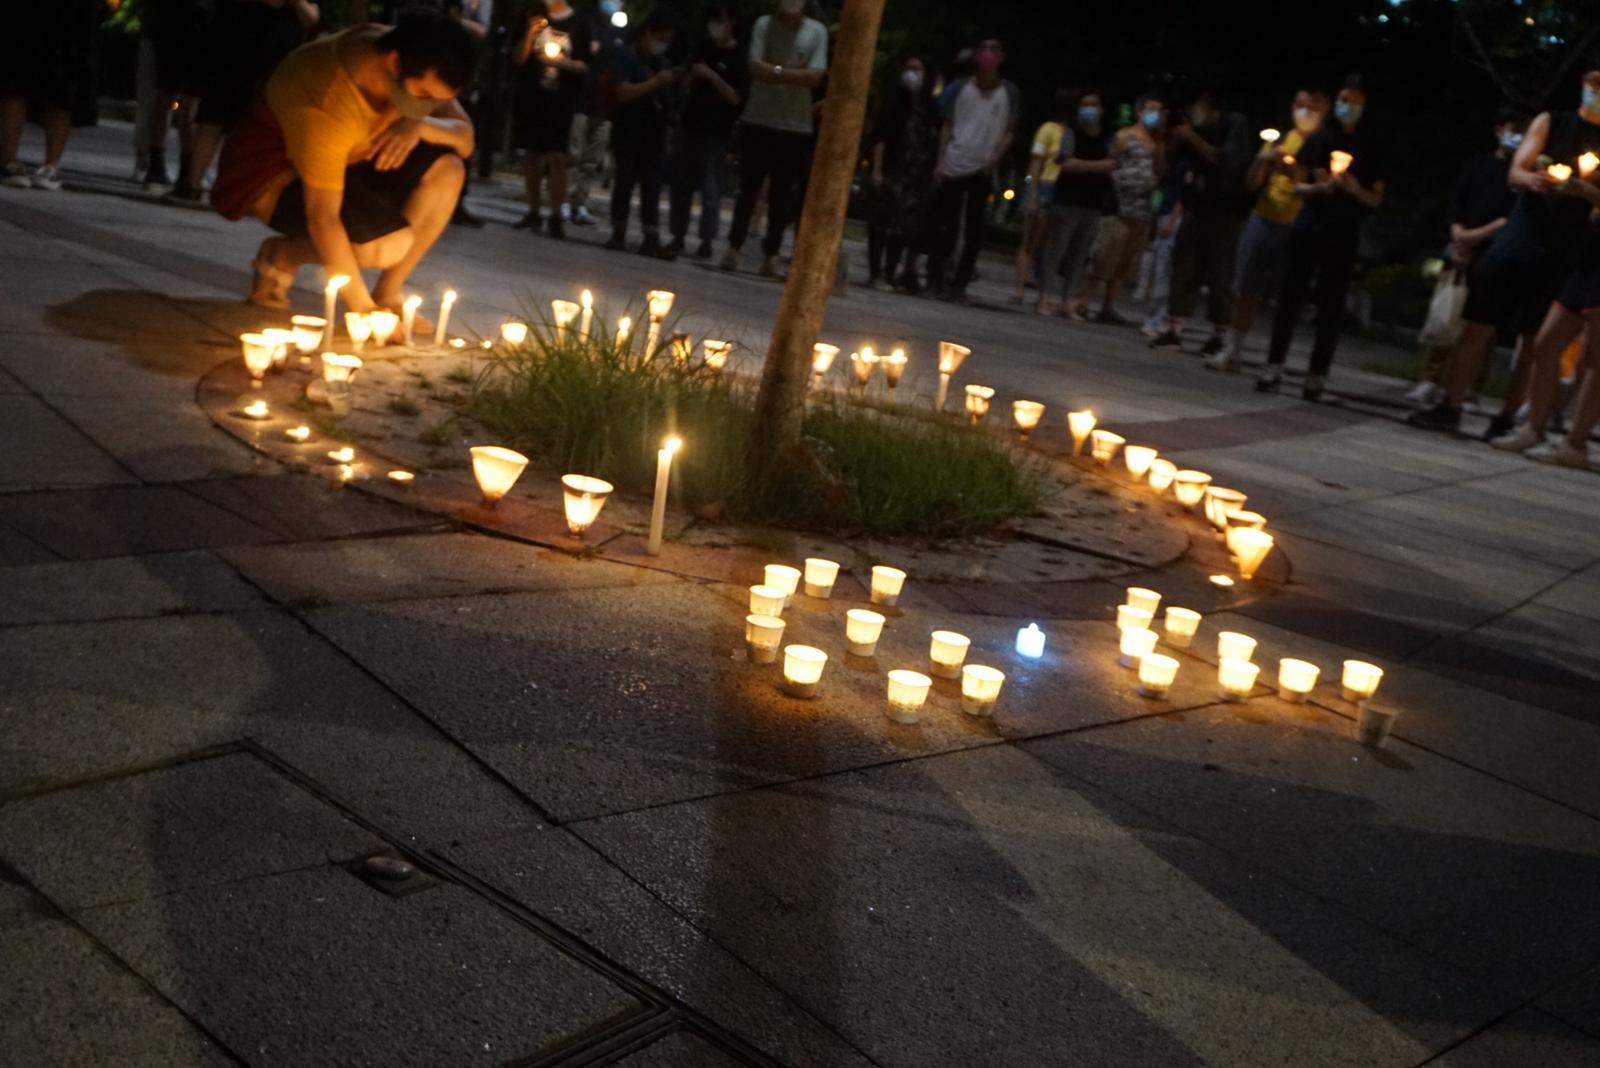 6月4日晚8時左右,香港屯門約千人集會點亮燭光紀念六四。(梁珍/大紀元)